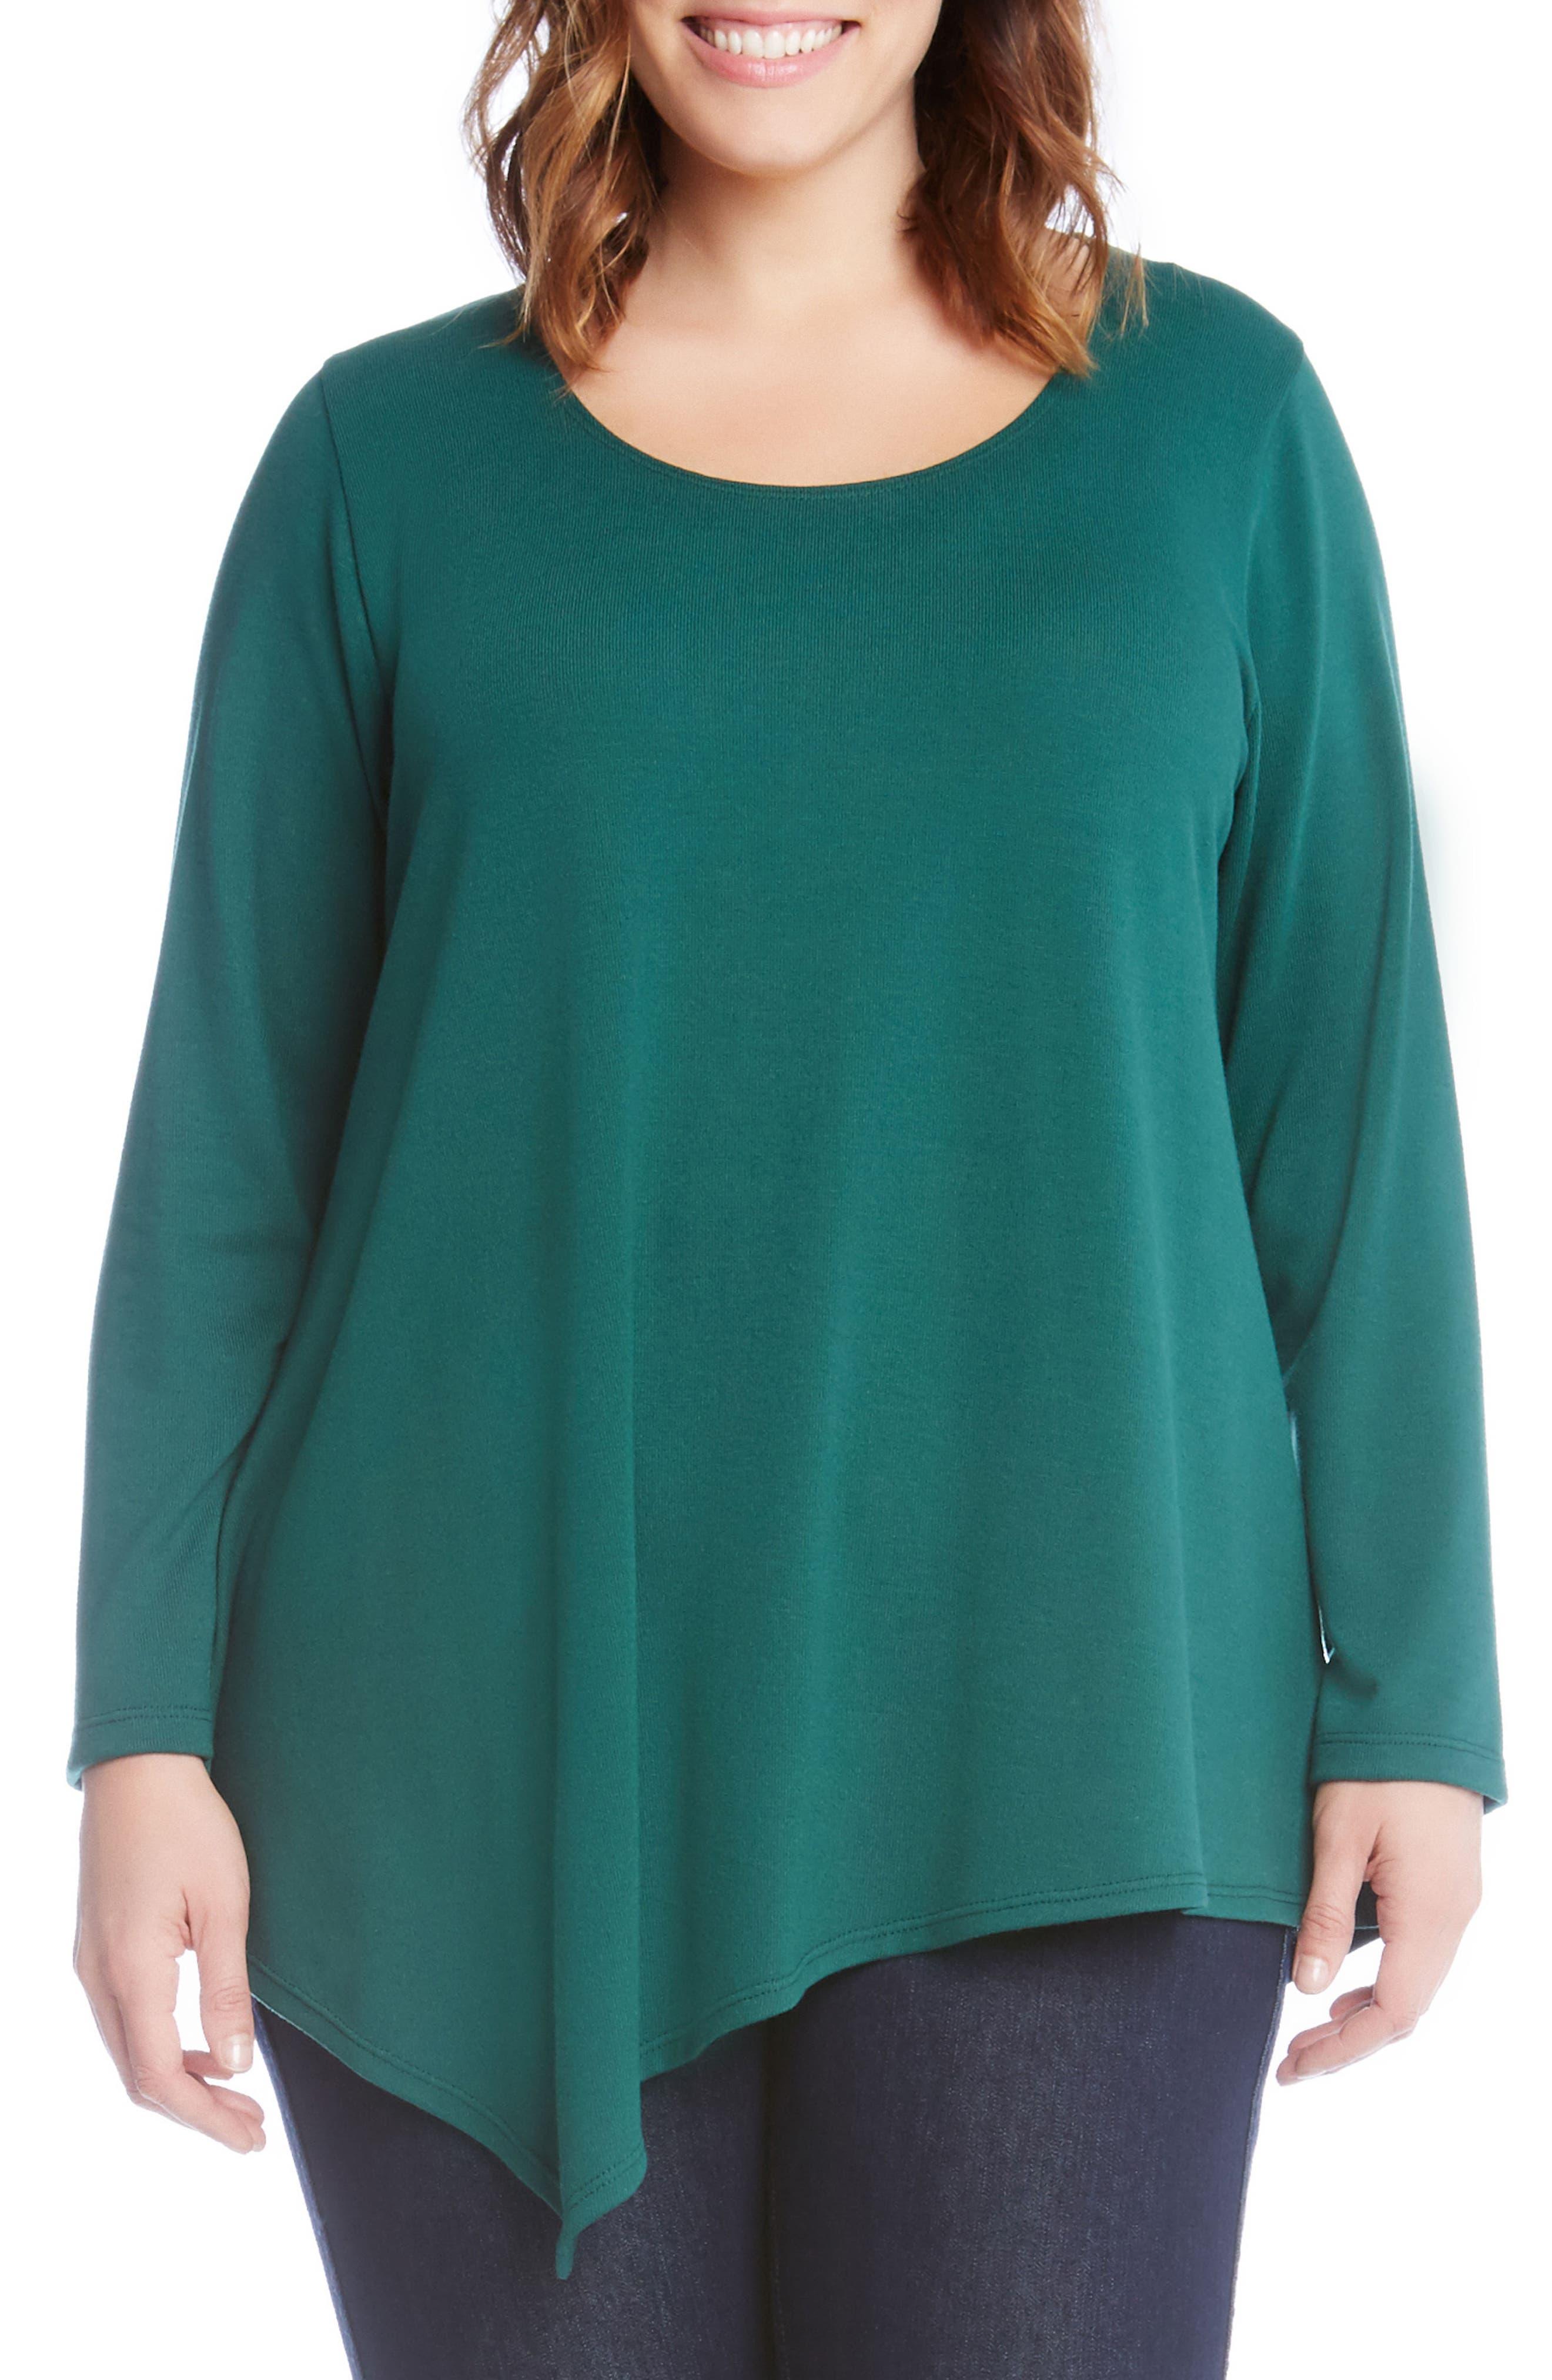 Alternate Image 1 Selected - Karen Kane Asymmetrical Hem Sweater (Plus Size)